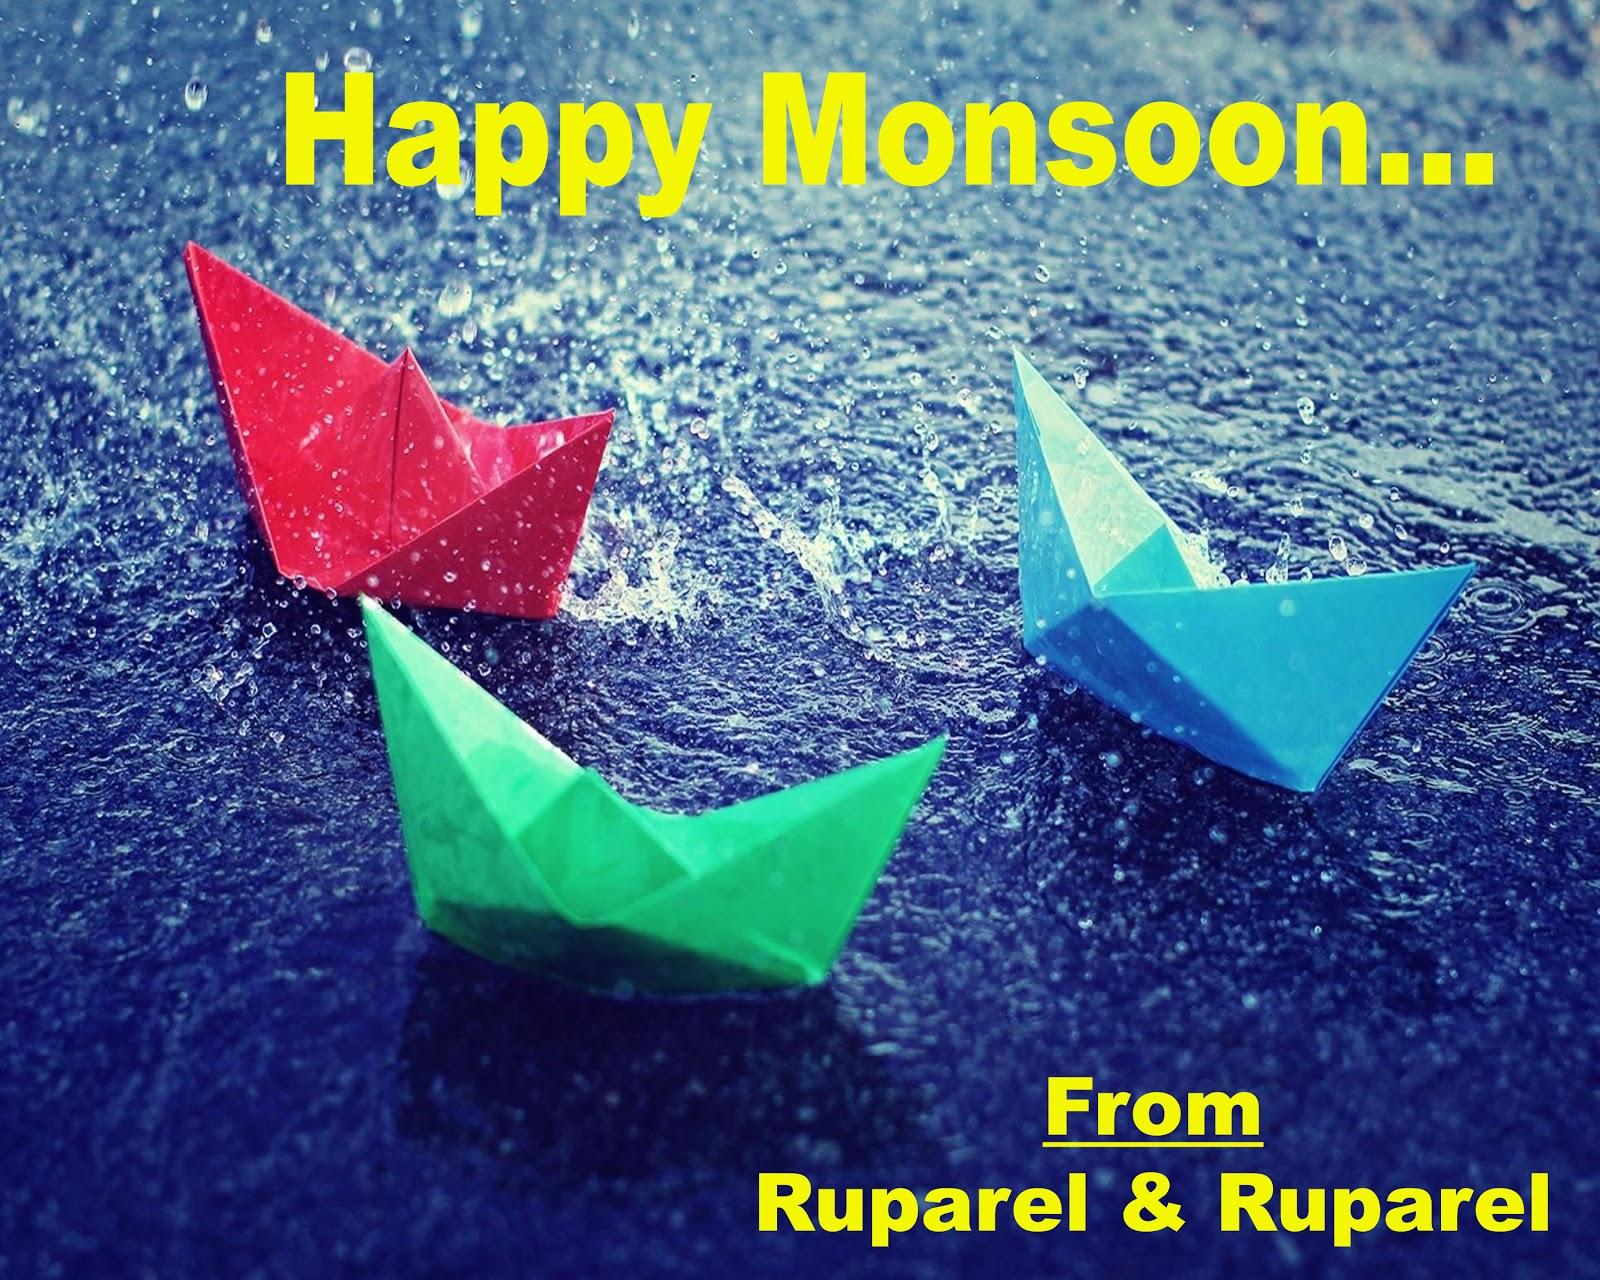 Ruparel and Ruparel: June 2015